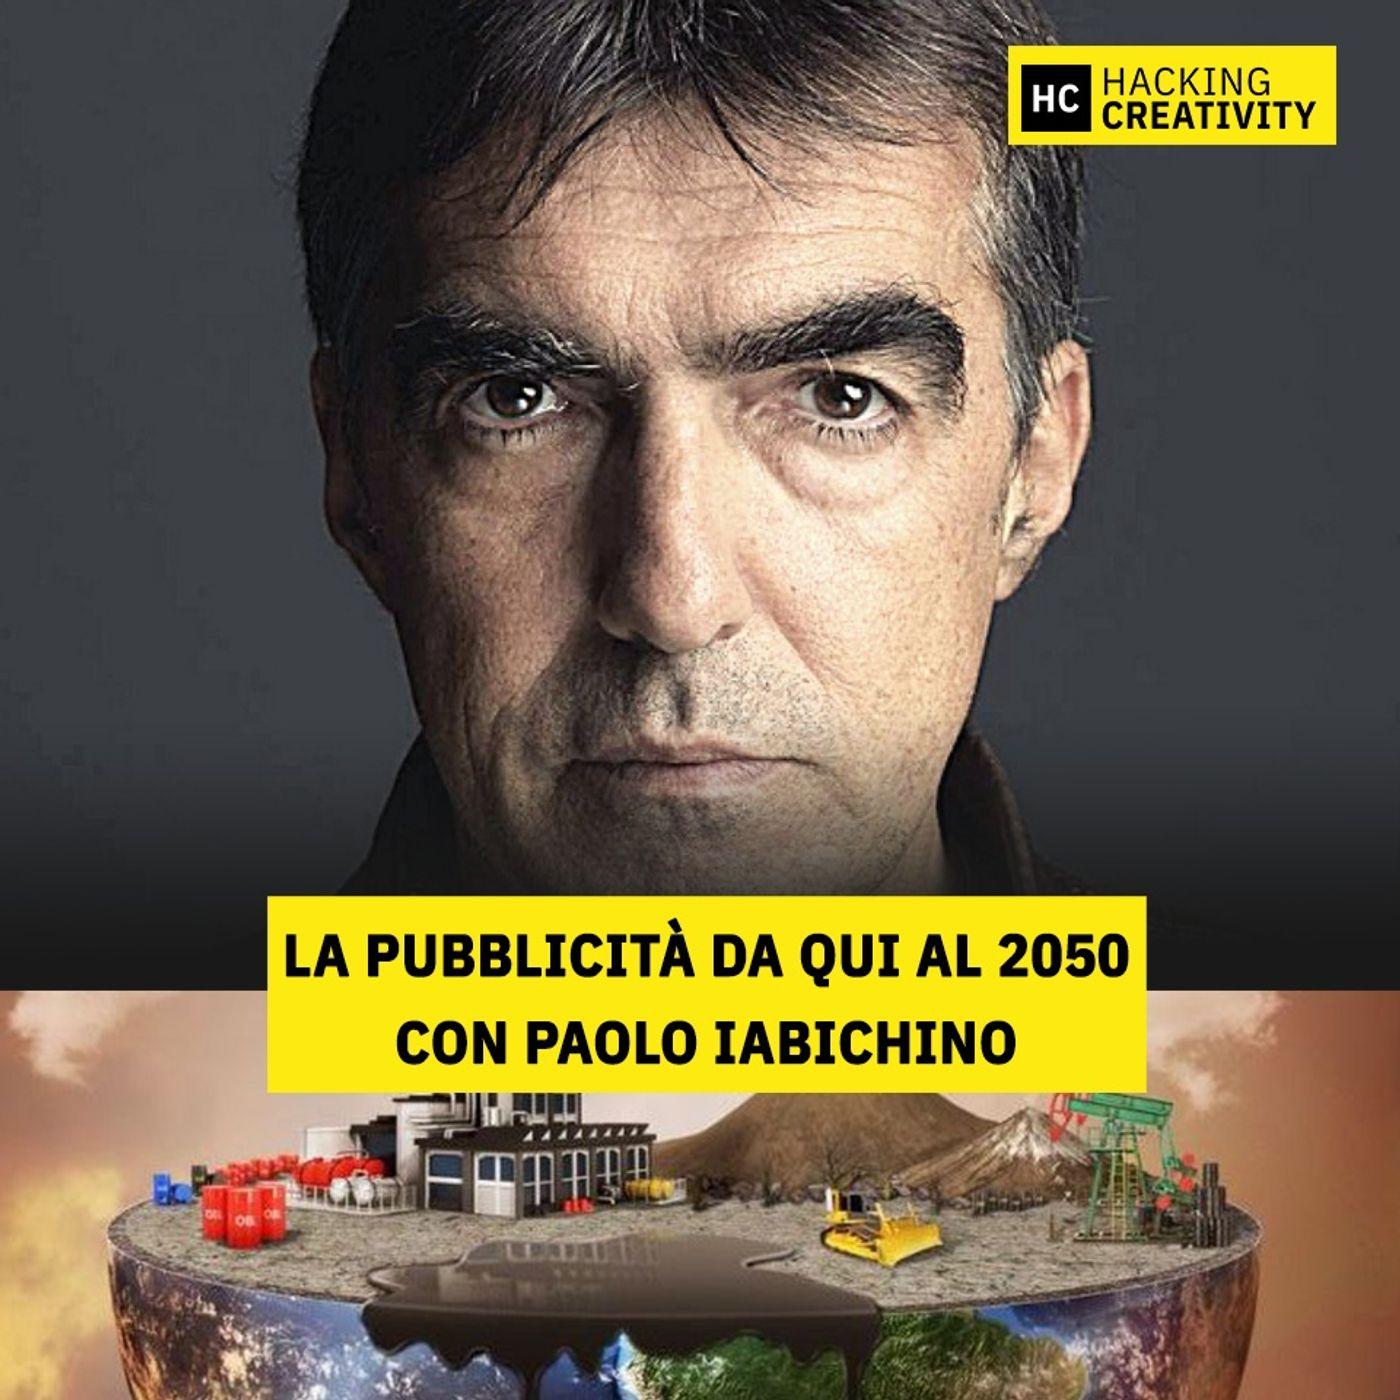 51 - La pubblicità da qui al 2050 con Paolo Iabichino